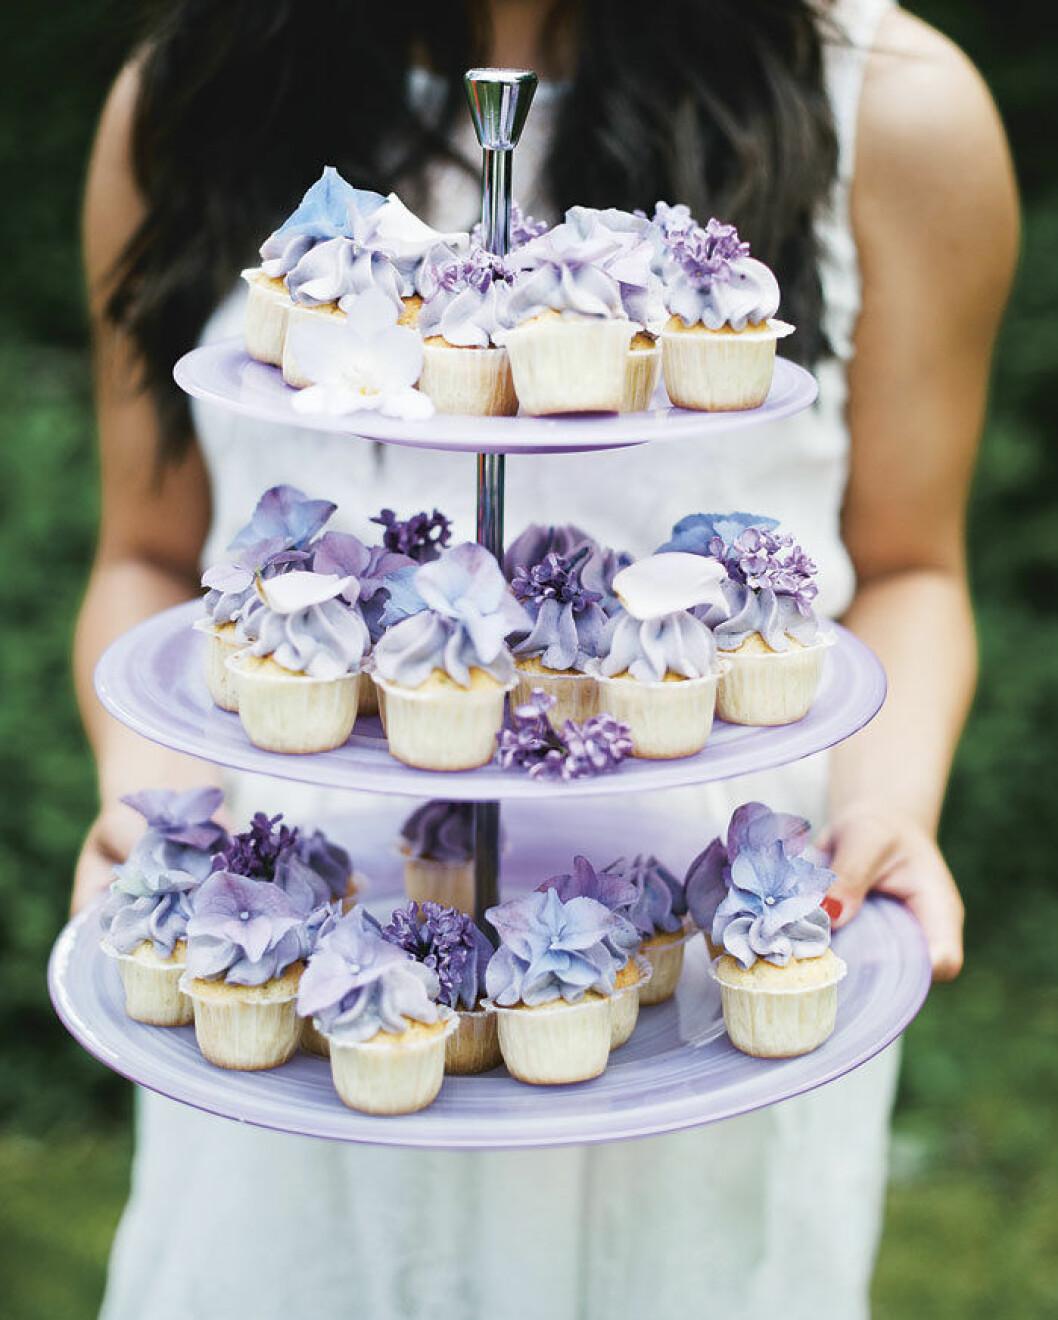 Blåbärscupcakes med blommor.